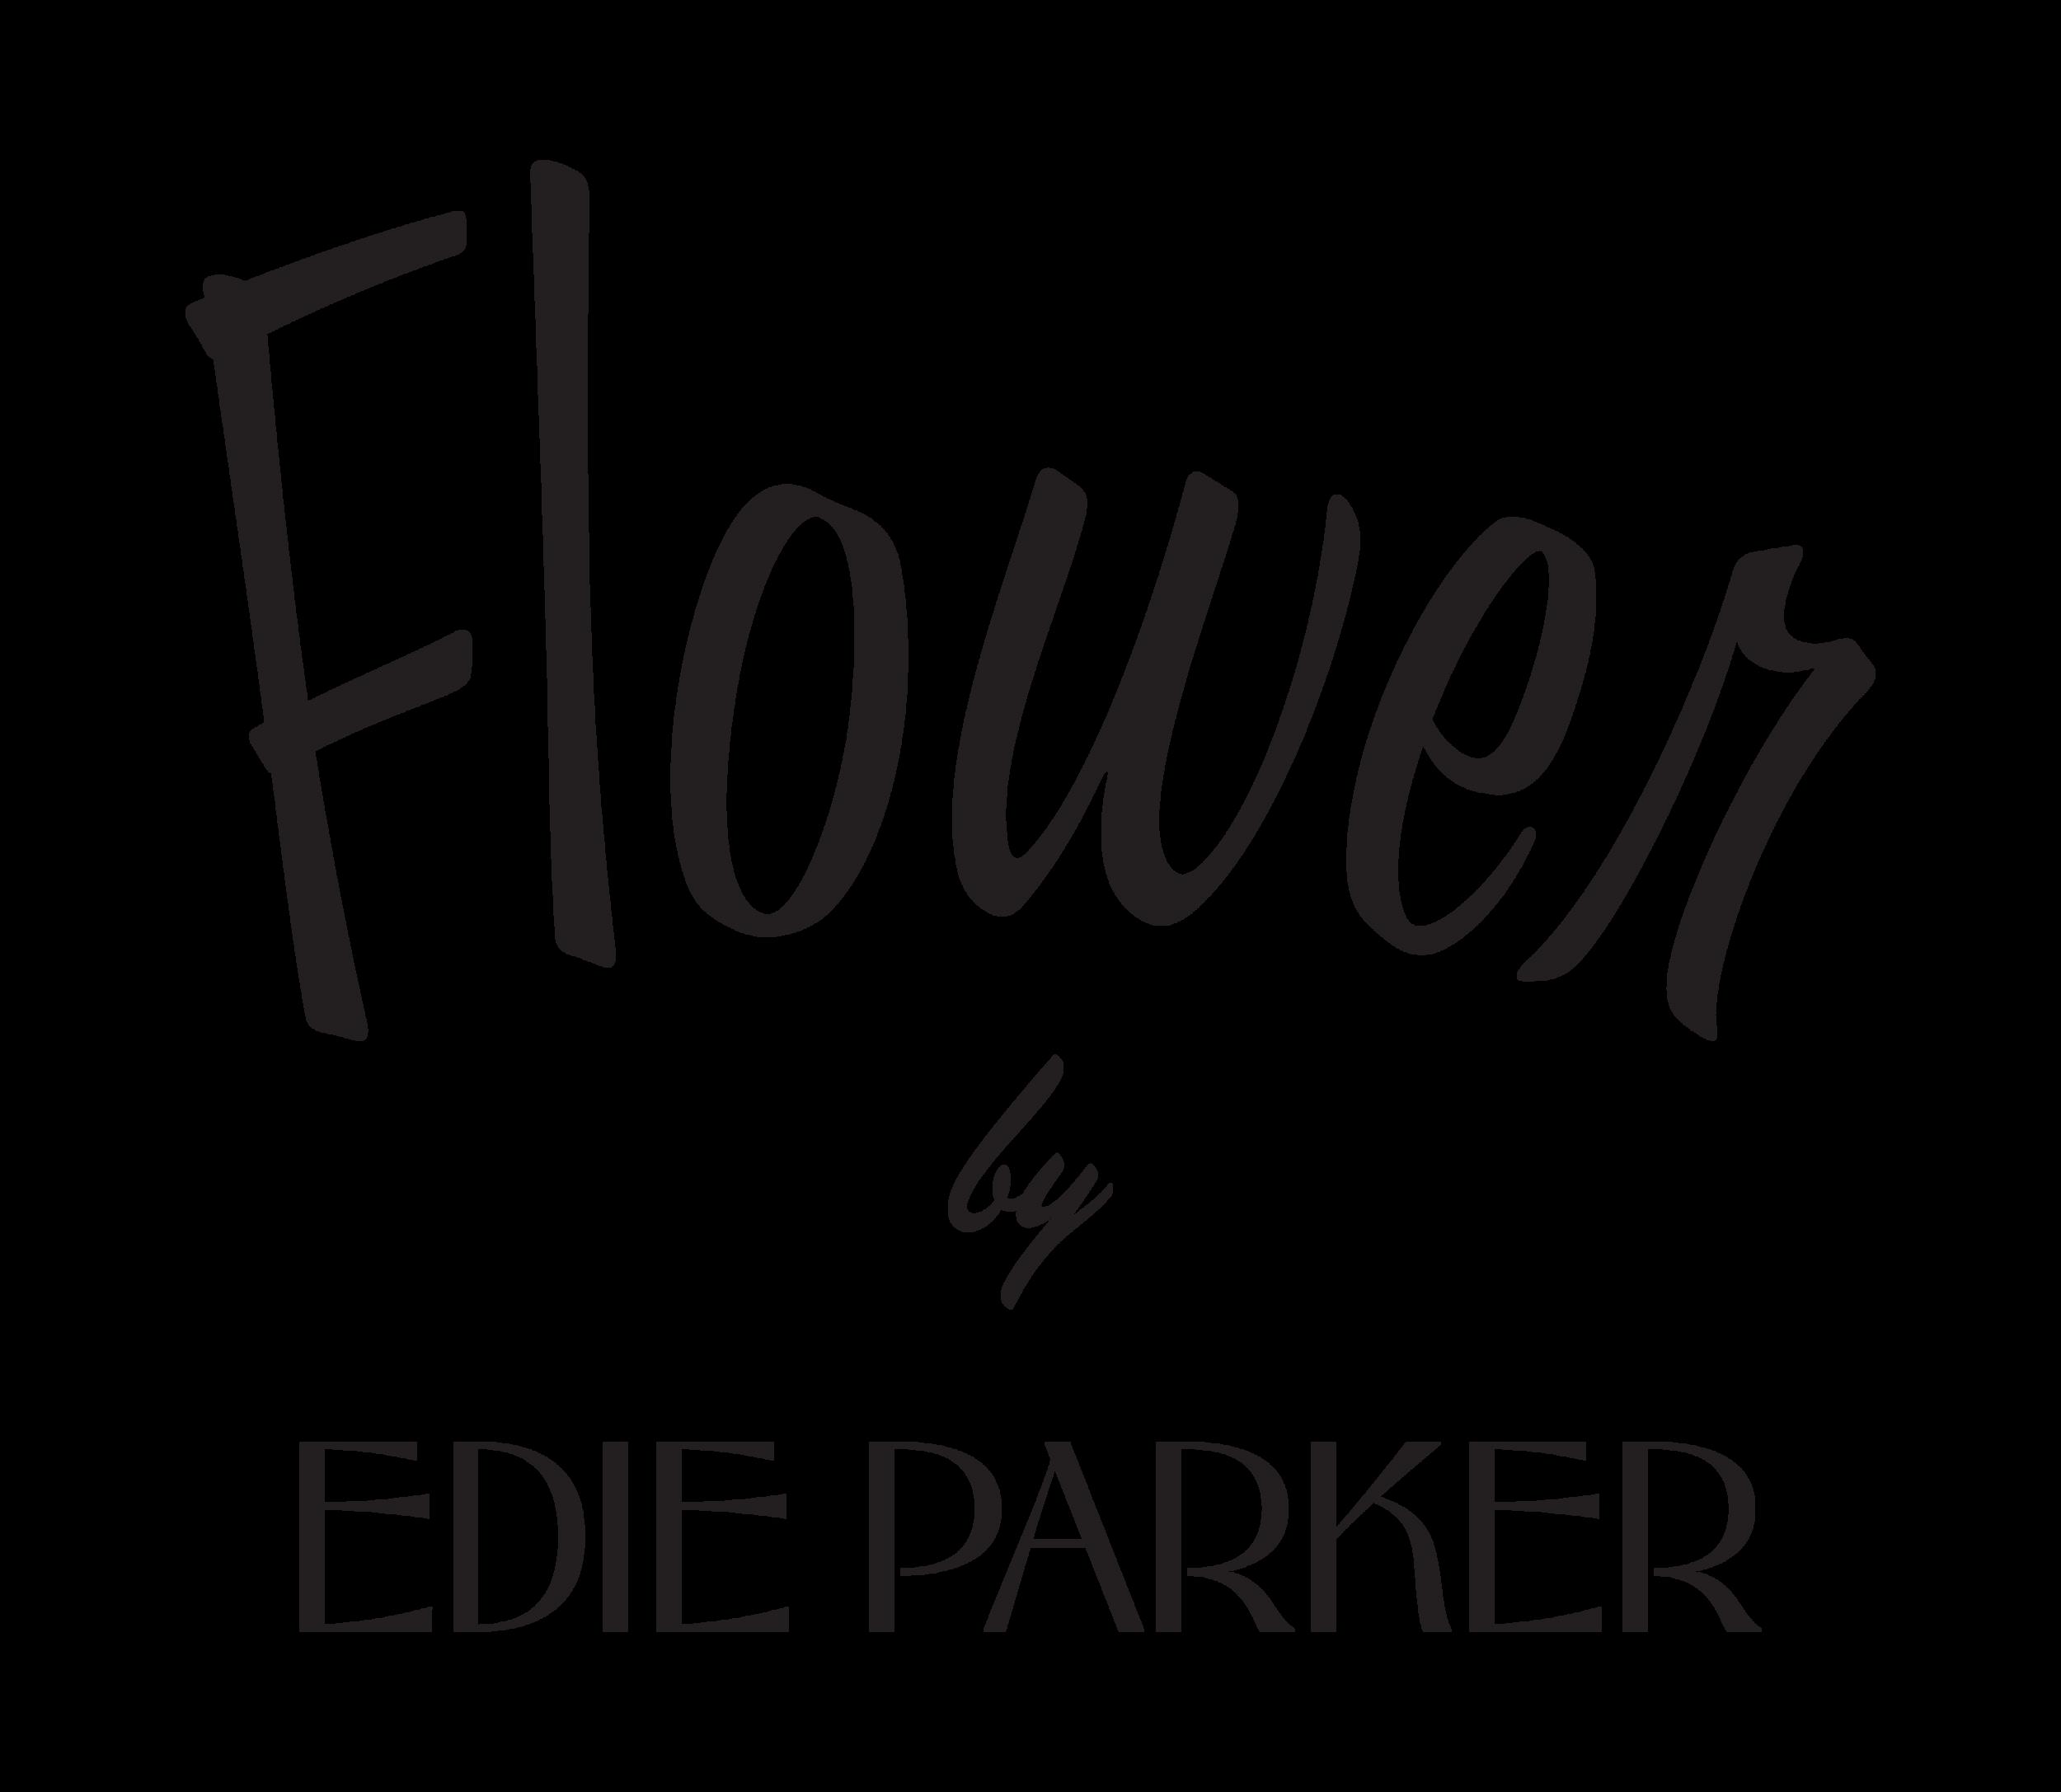 EdieParker_FlowerByEdieParker_Black_Logo.png